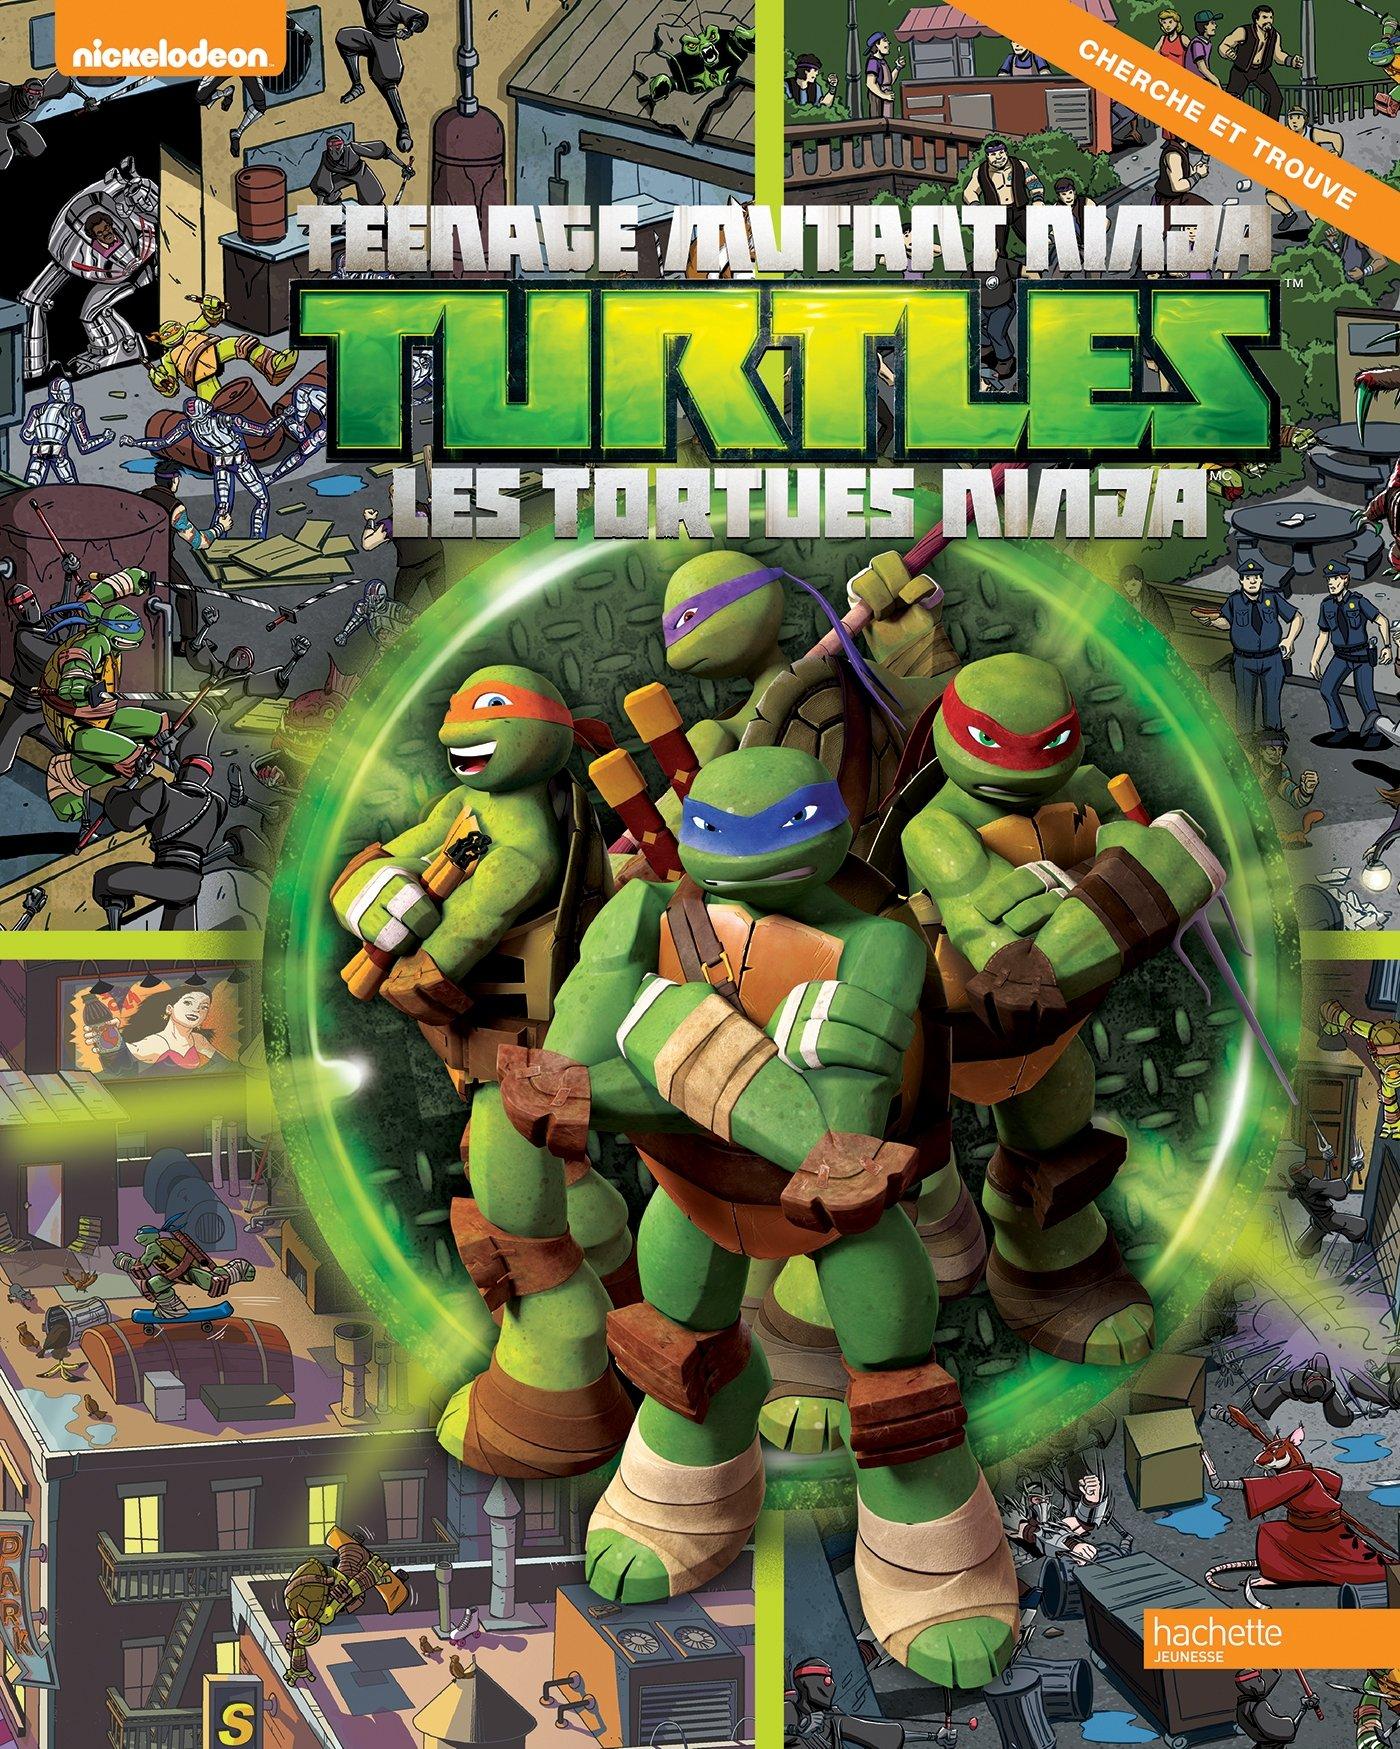 Tortues Ninja - Cherche et trouve: 9782013991056: Amazon.com ...